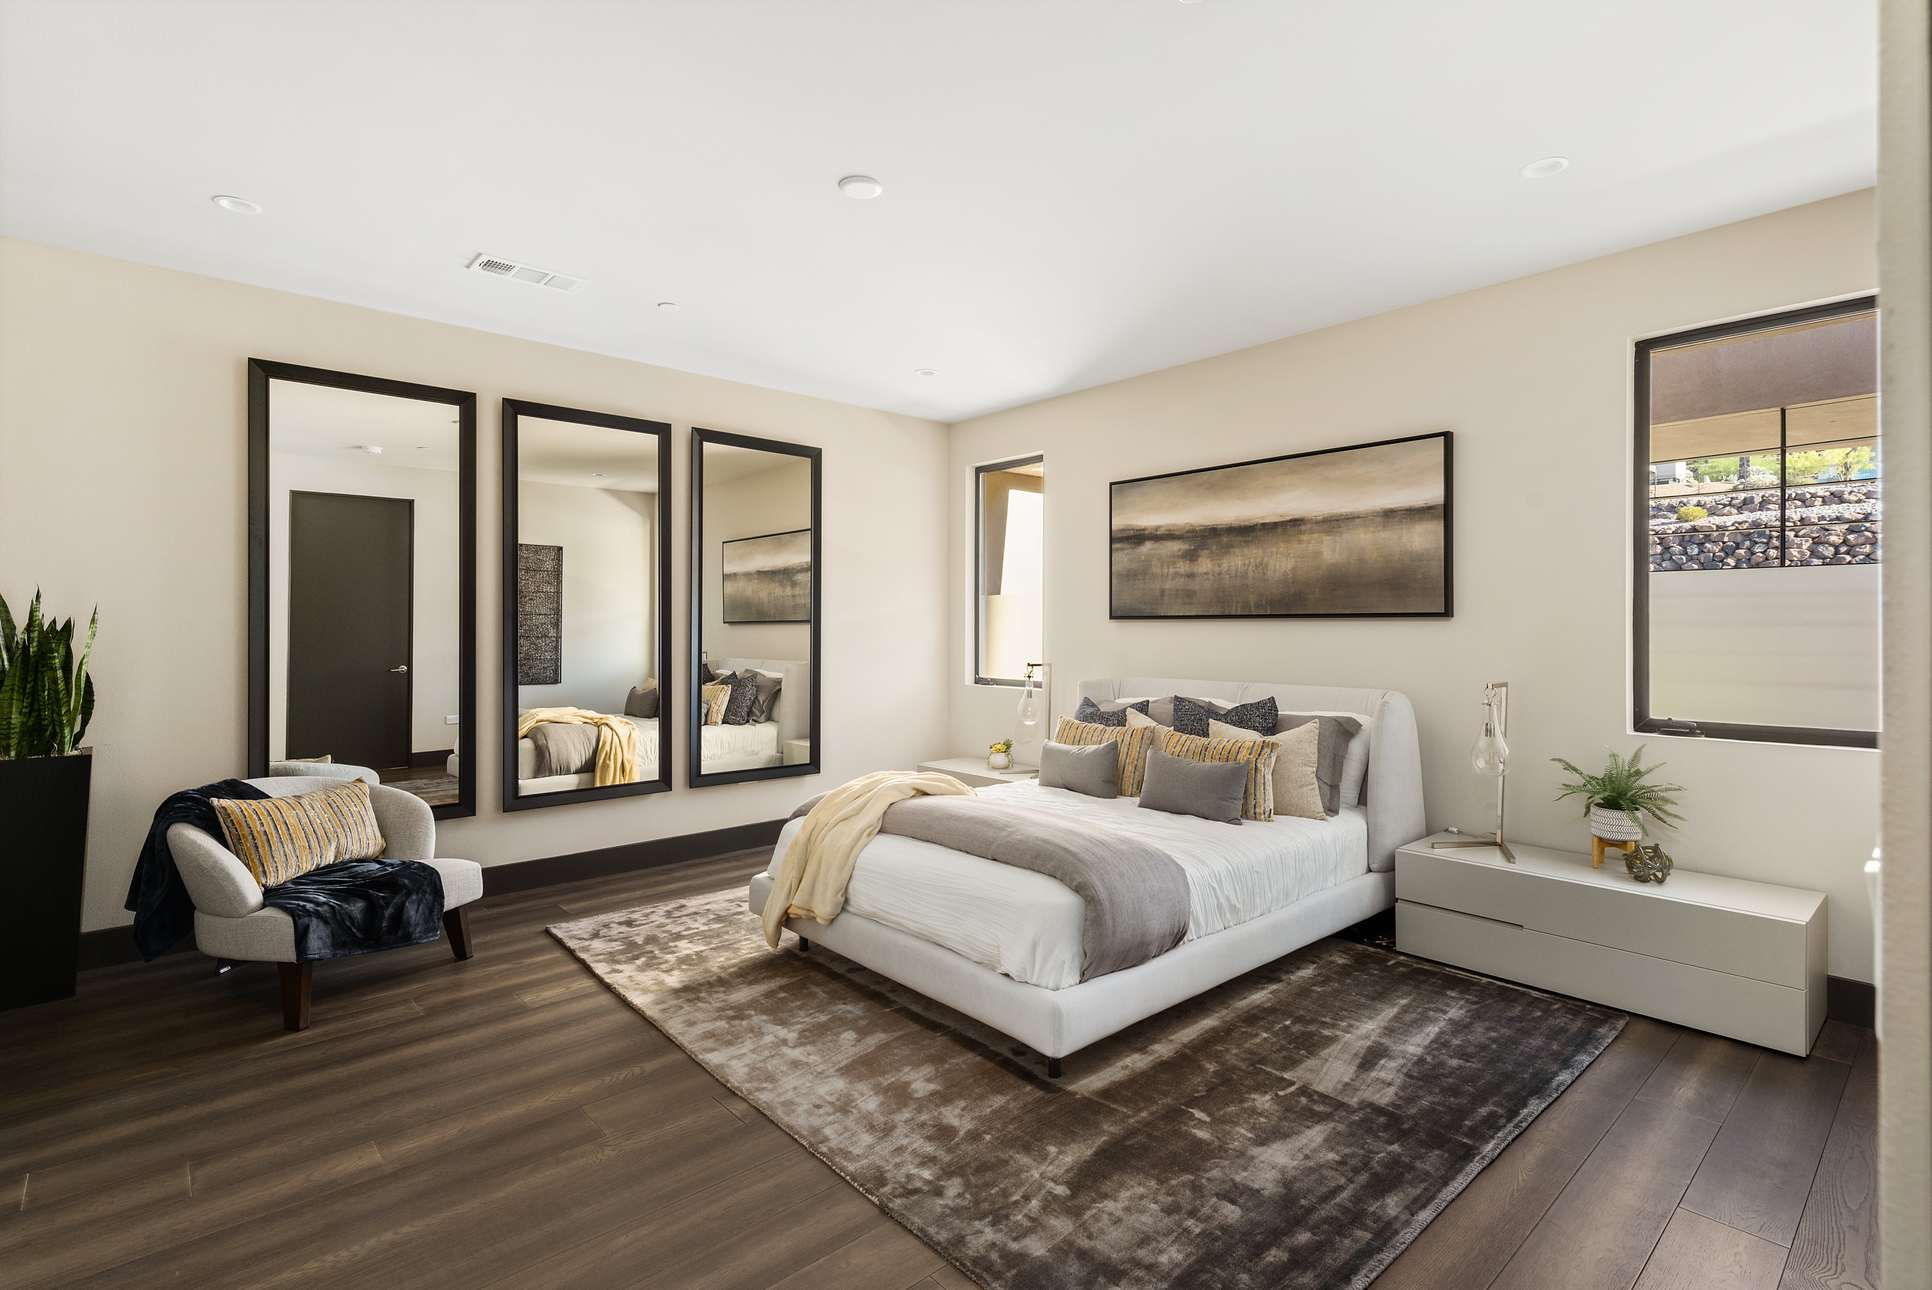 Zenith - Bedroom:Zenith - Bedroom